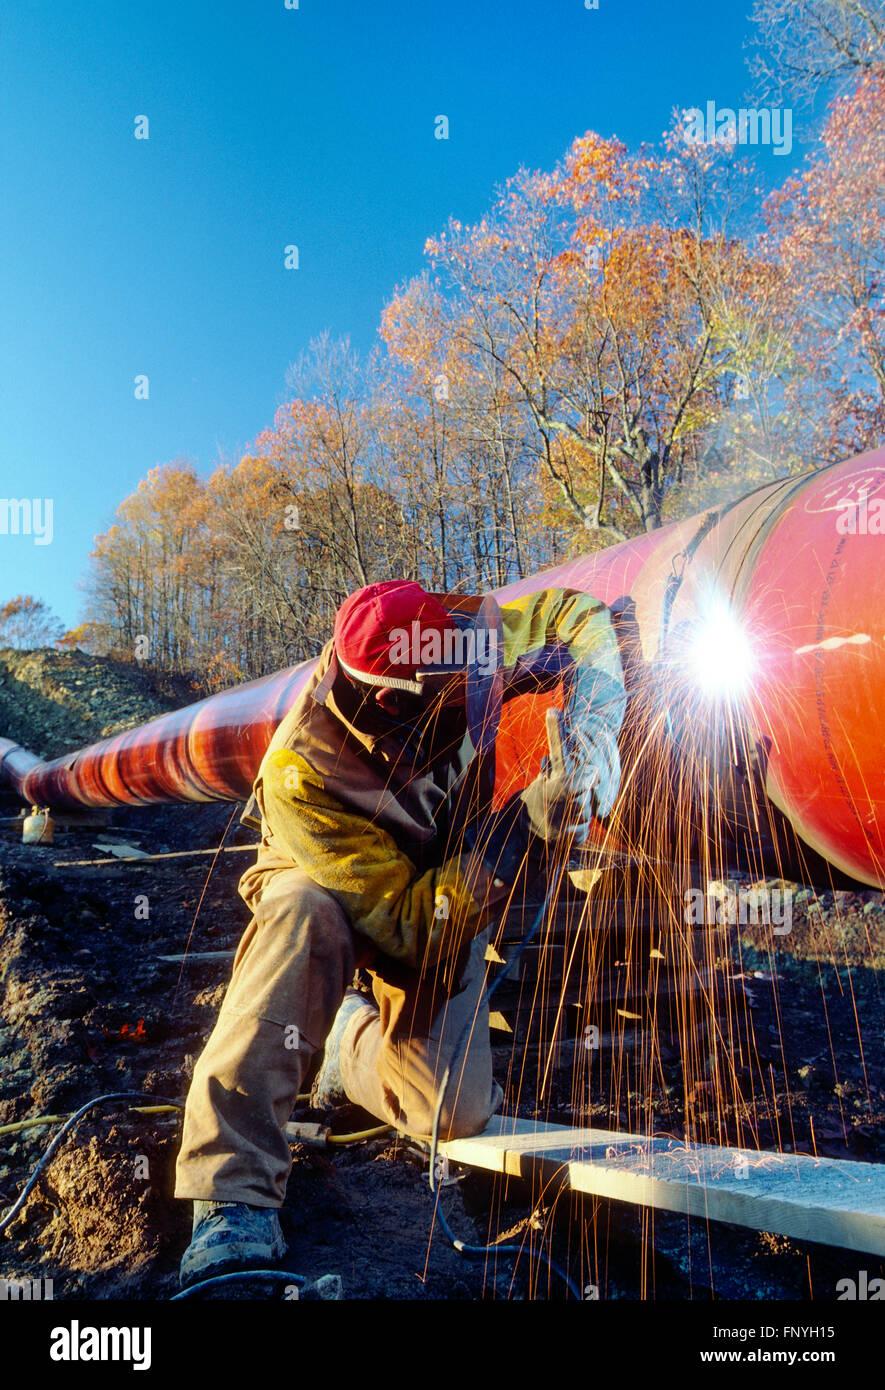 L'uomo la saldatura di una giunzione di pipeline nelle zone rurali del West Virginia; USA Immagini Stock